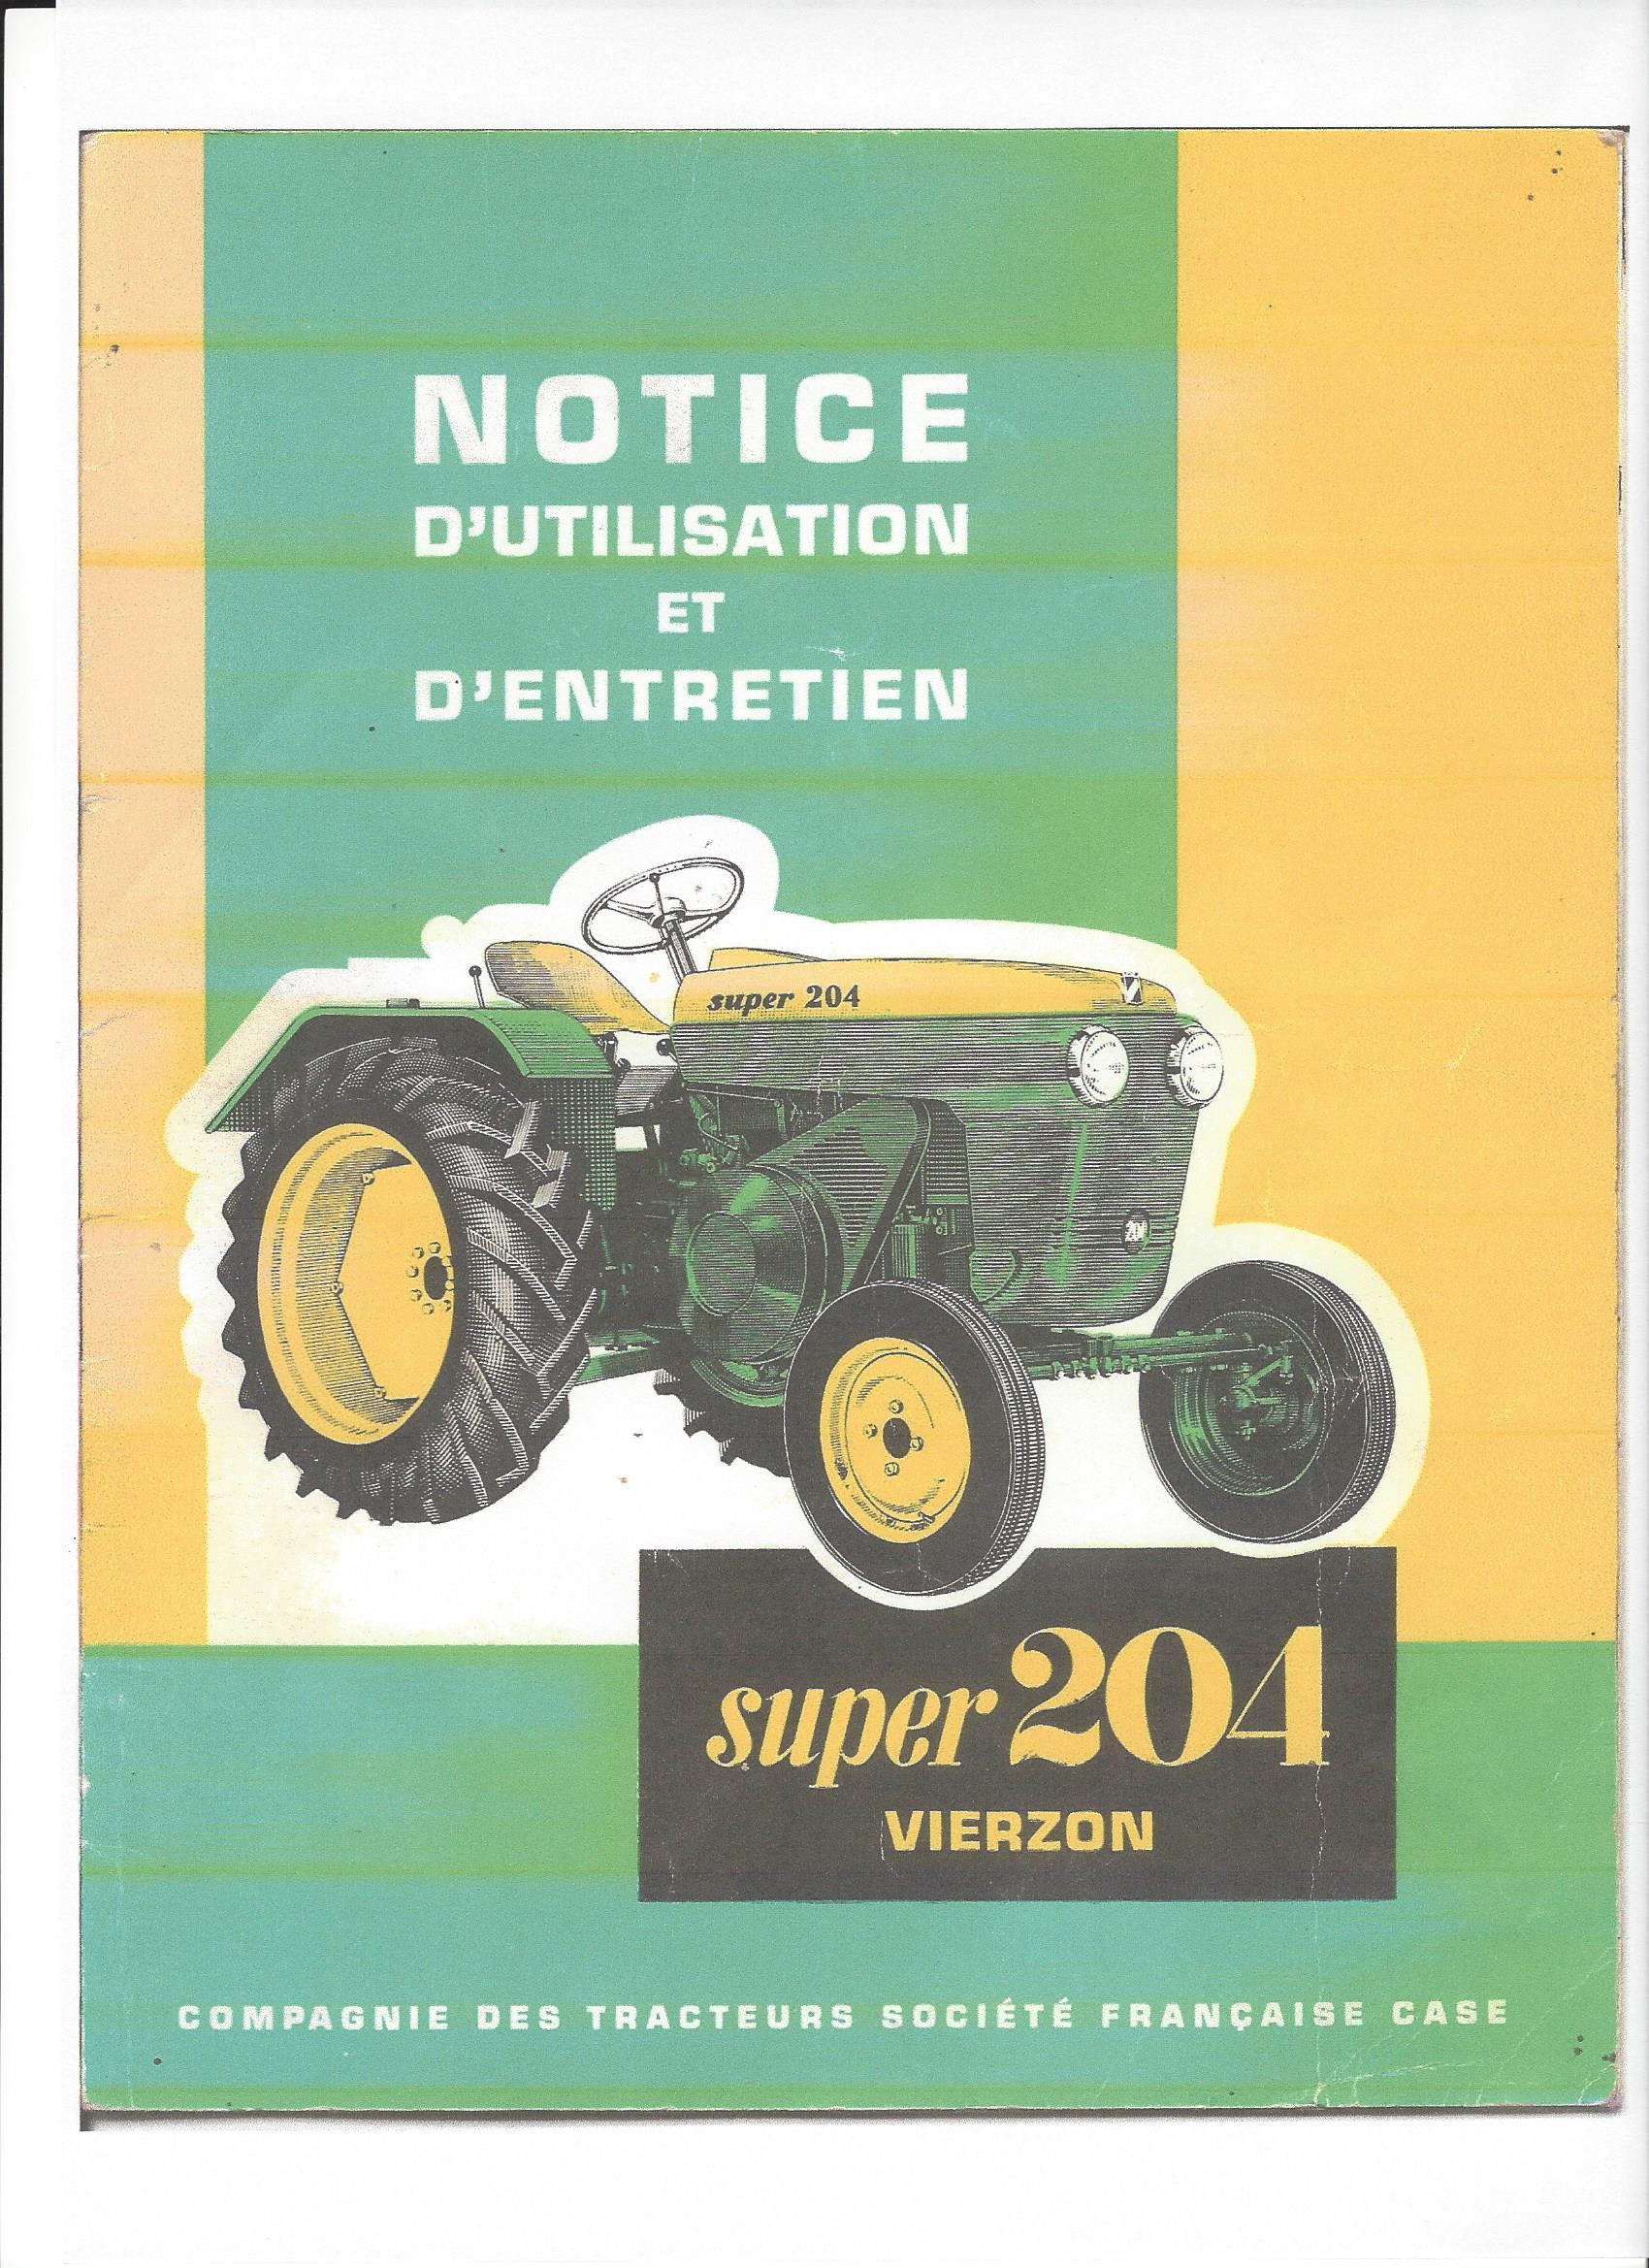 SFV super 204.jpeg